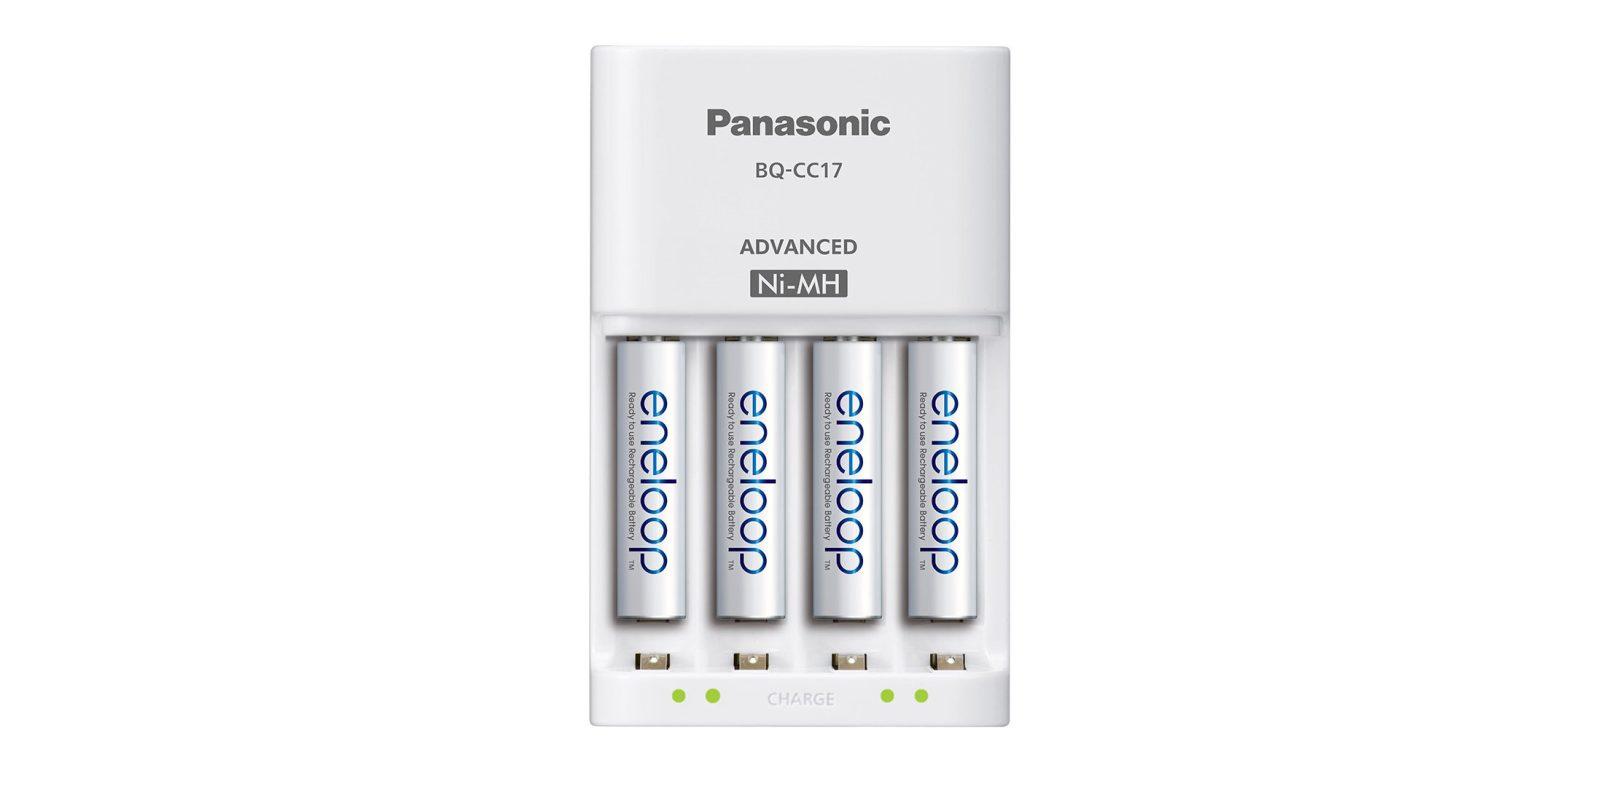 Amazon offers Panasonic eneloop AAA rechargeable batteries for $18